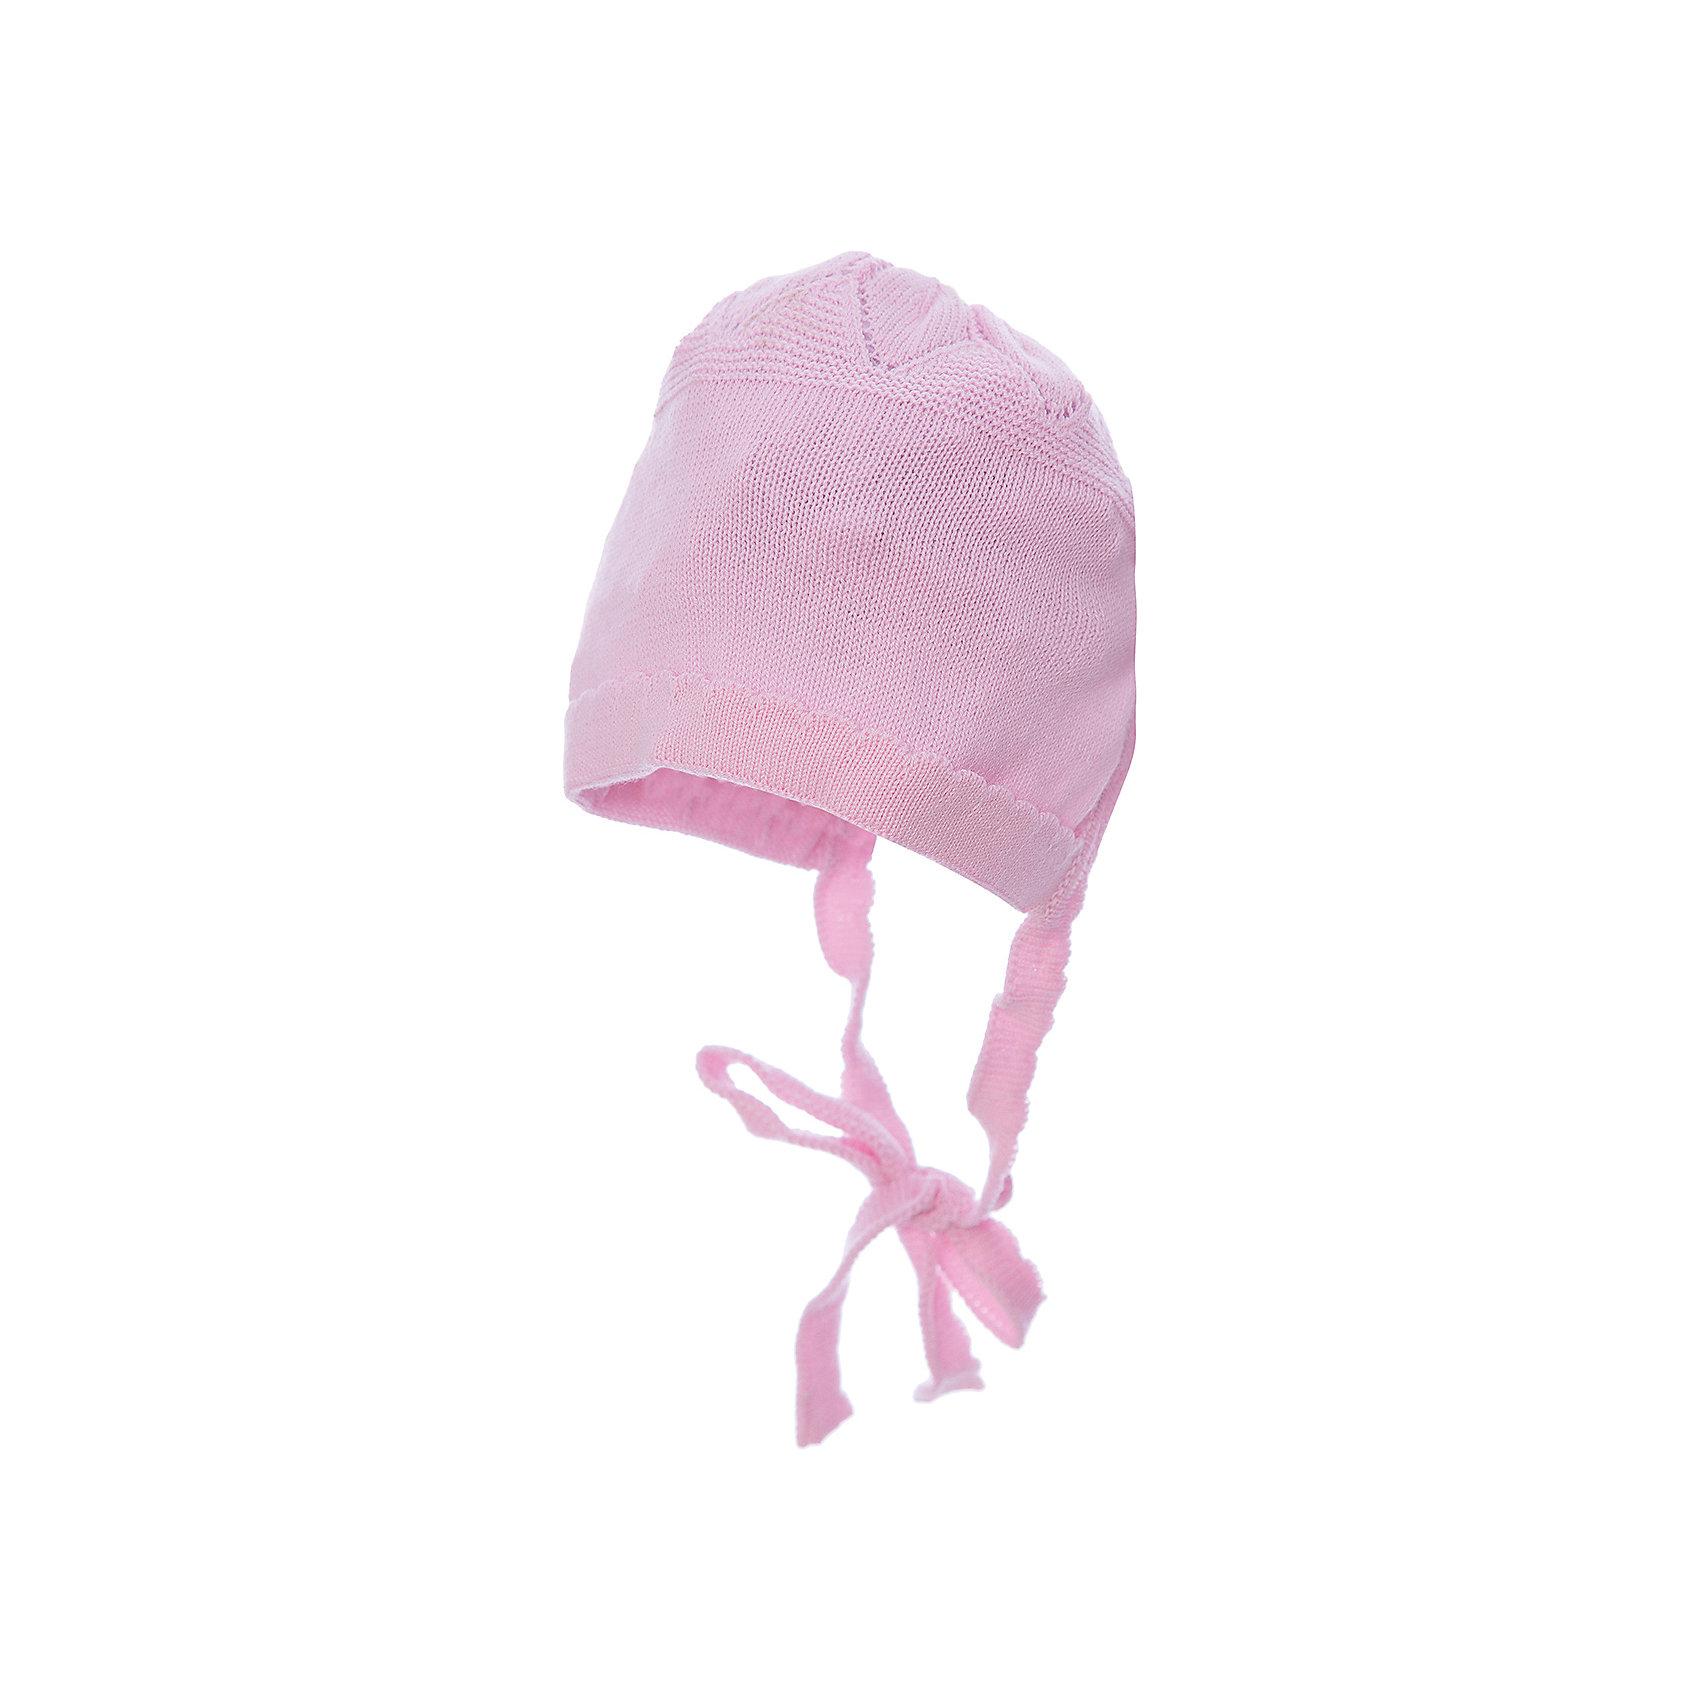 Шапка для девочки АртельШапочки<br>Шапка для девочки от торговой марки Артель <br><br>Модная шапка отлично смотрится на детях и комфортно сидит. Эта модель создана специально для девочек. Изделие выполнено из качественных материалов. Отличный вариант для переменной погоды межсезонья! <br>Одежда от бренда Артель – это высокое качество по приемлемой цене и всегда продуманный дизайн. <br><br>Особенности модели: <br>- цвет — розовый; <br>- есть завязки; <br>- натуральный хлопок. <br><br>Дополнительная информация: <br><br>Состав: 100% хлопок.<br><br>Шапку для девочки Артель (Artel) можно купить в нашем магазине.<br><br>Ширина мм: 89<br>Глубина мм: 117<br>Высота мм: 44<br>Вес г: 155<br>Цвет: розовый<br>Возраст от месяцев: 1<br>Возраст до месяцев: 1<br>Пол: Женский<br>Возраст: Детский<br>Размер: 38,42,40,36<br>SKU: 4500563